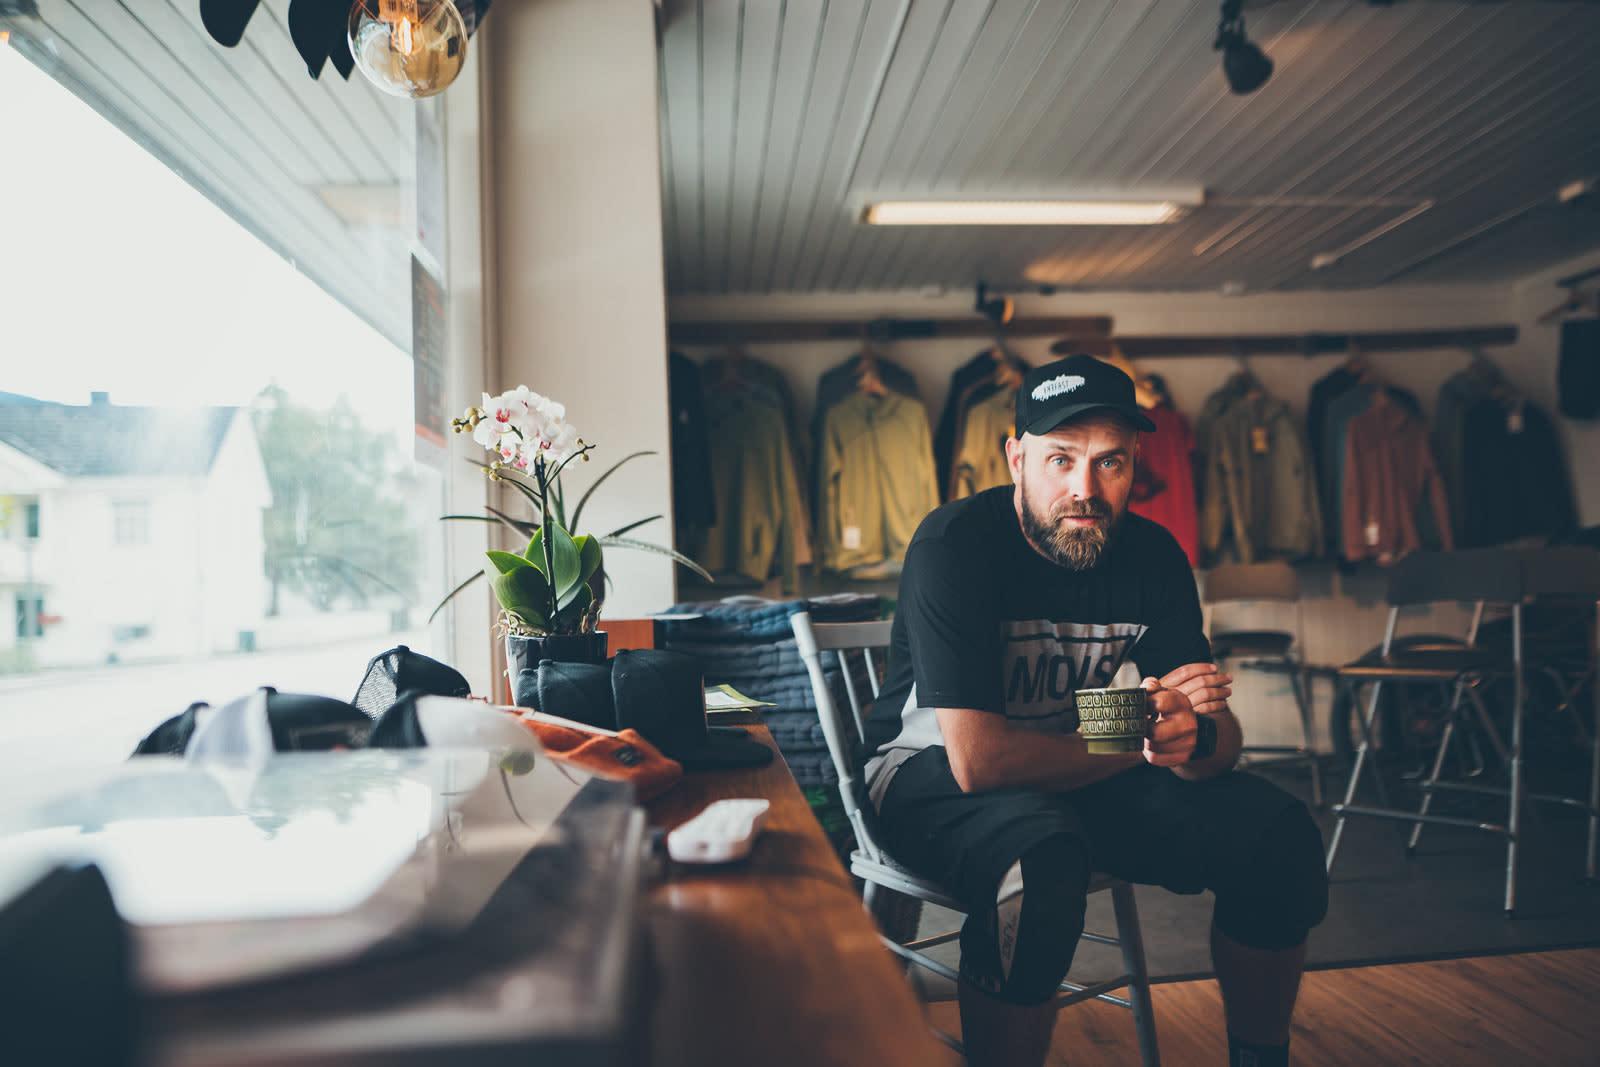 MEN FØRST: Kaffe. Kjell Arne Høyesveen tar en hvilepause mellom guidinga på Værfast. Foto: Mick Ross.